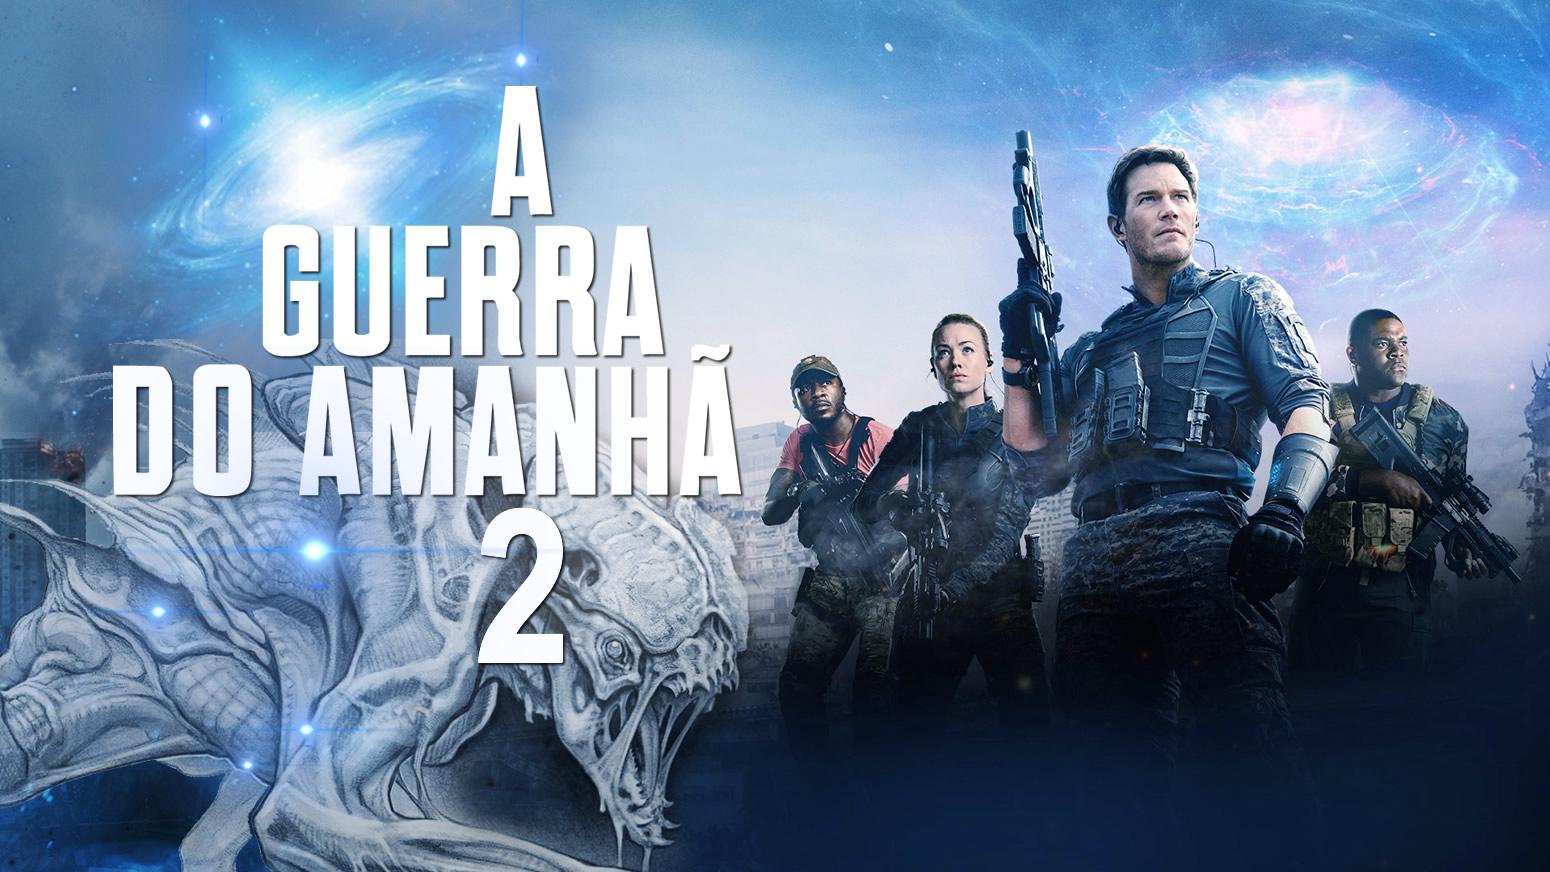 A Guerra do Amanhã 2 | Amazon Studios busca desenvolver sequência com a volta de Chris Pratt e o diretor Chris McKay